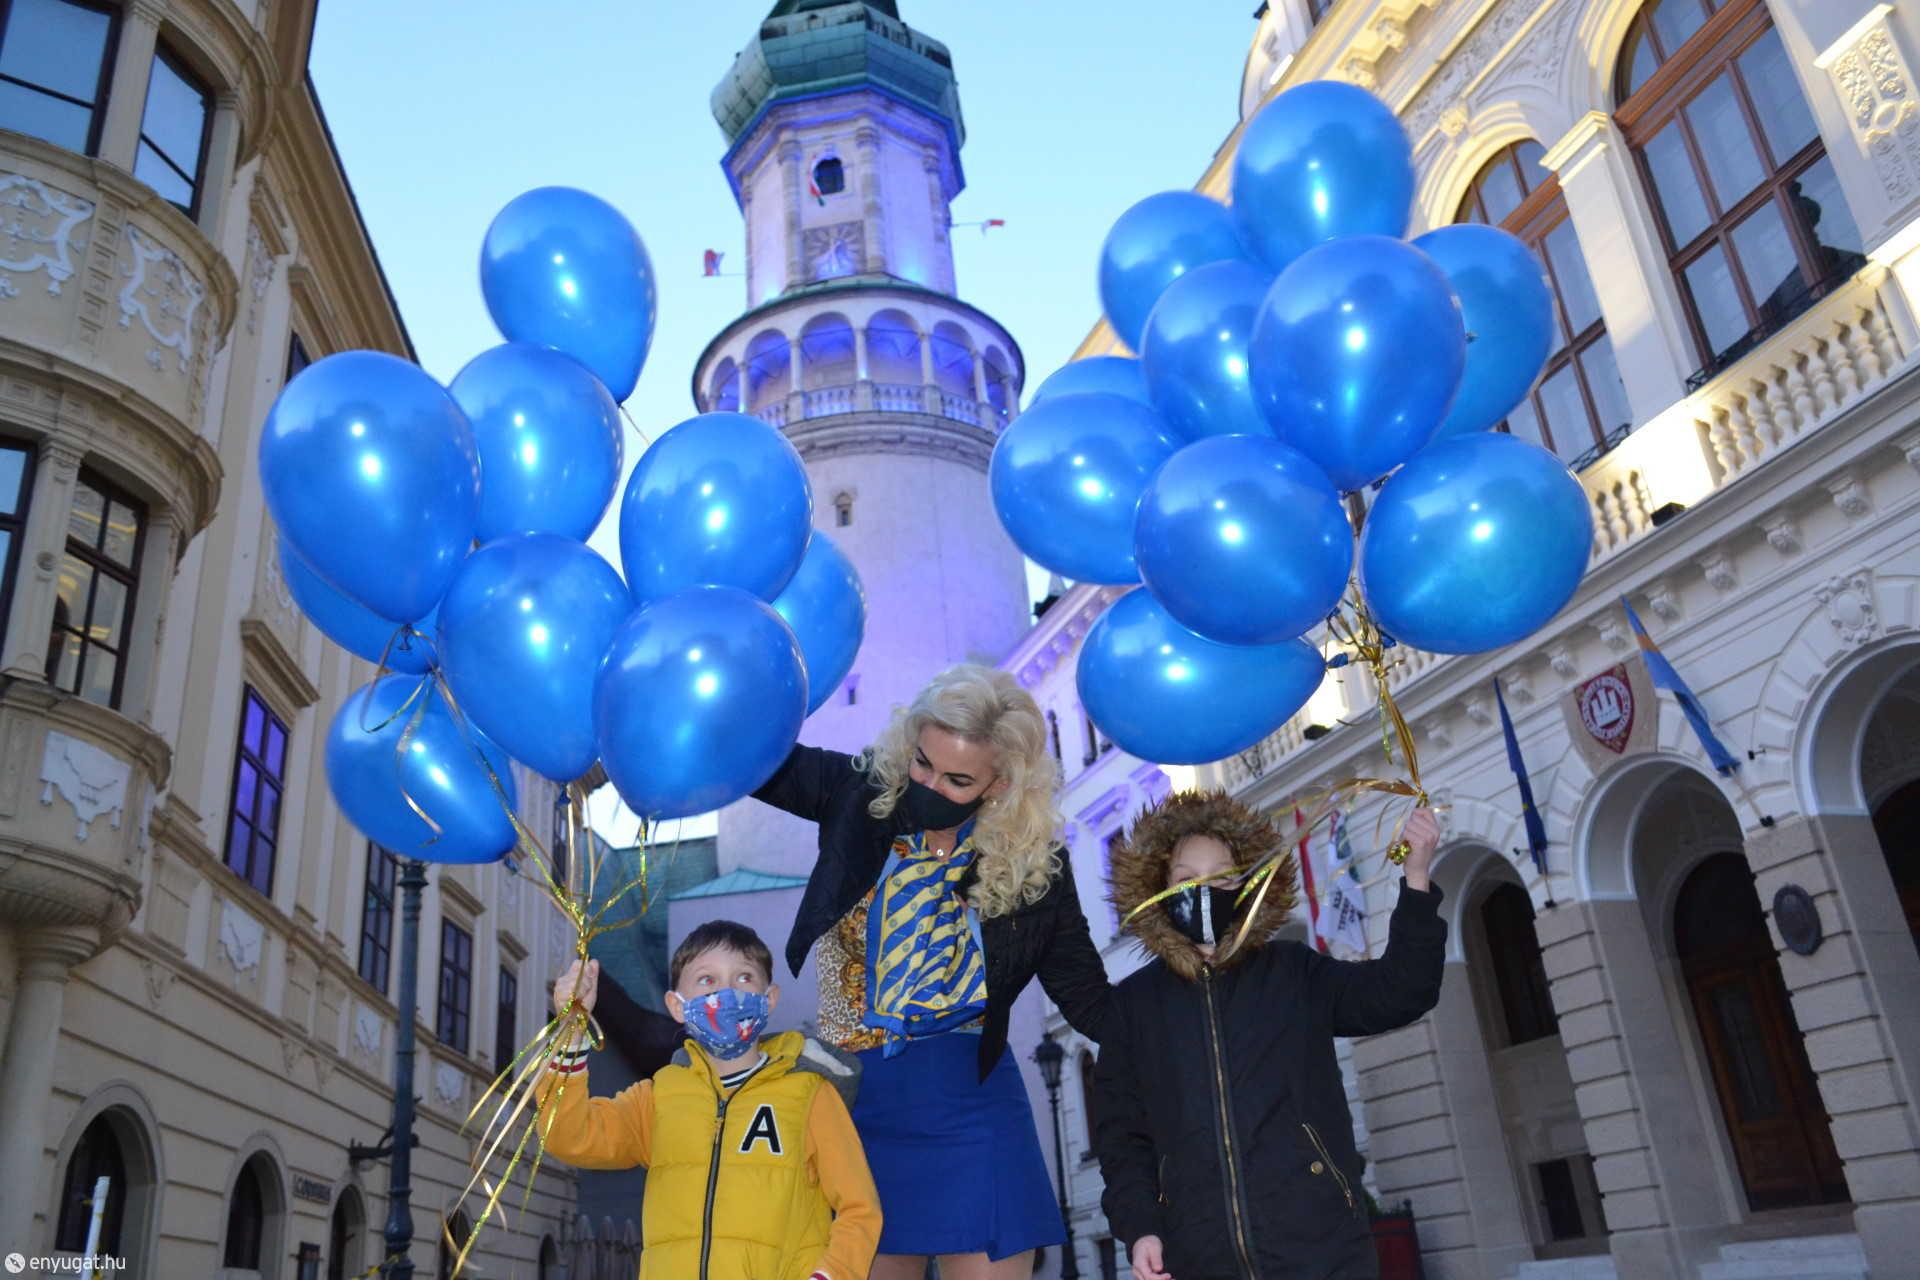 Az autizmus világnapján a kék fénybe tündöklő Tűztorony előtt engedte fel dr. Halmos Mária a gyerekekkel a kék lufikat.